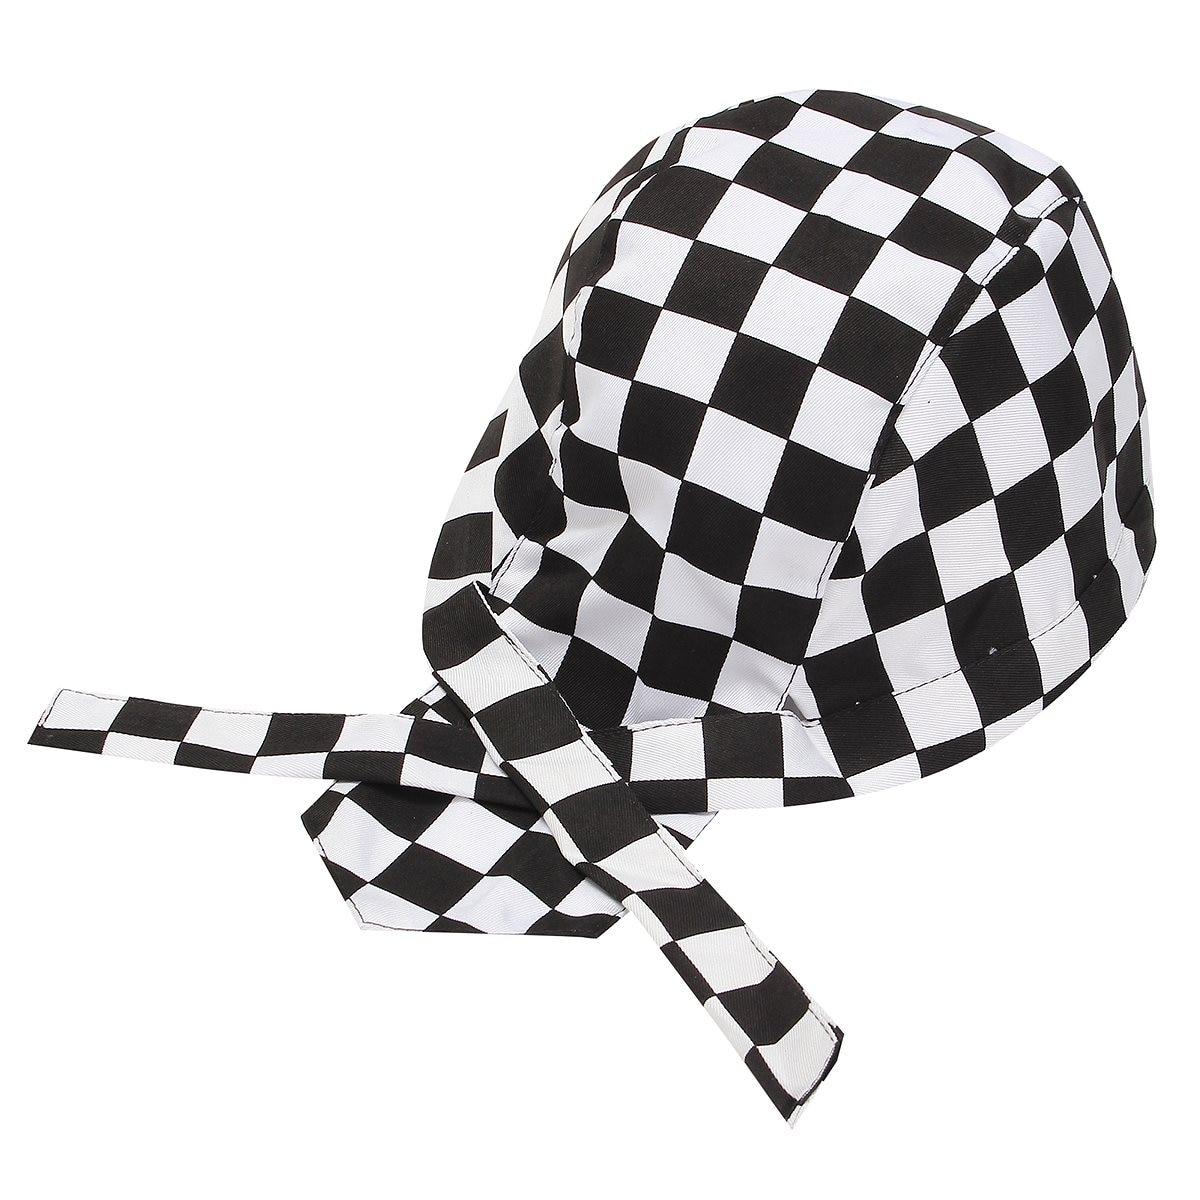 1 PCS Pirate Unisex Colorful Chef Hat Cap Cooking Cap Cloth Plaid Striped Plain Restaurant Waitress Hat Outdoors Sport Cap